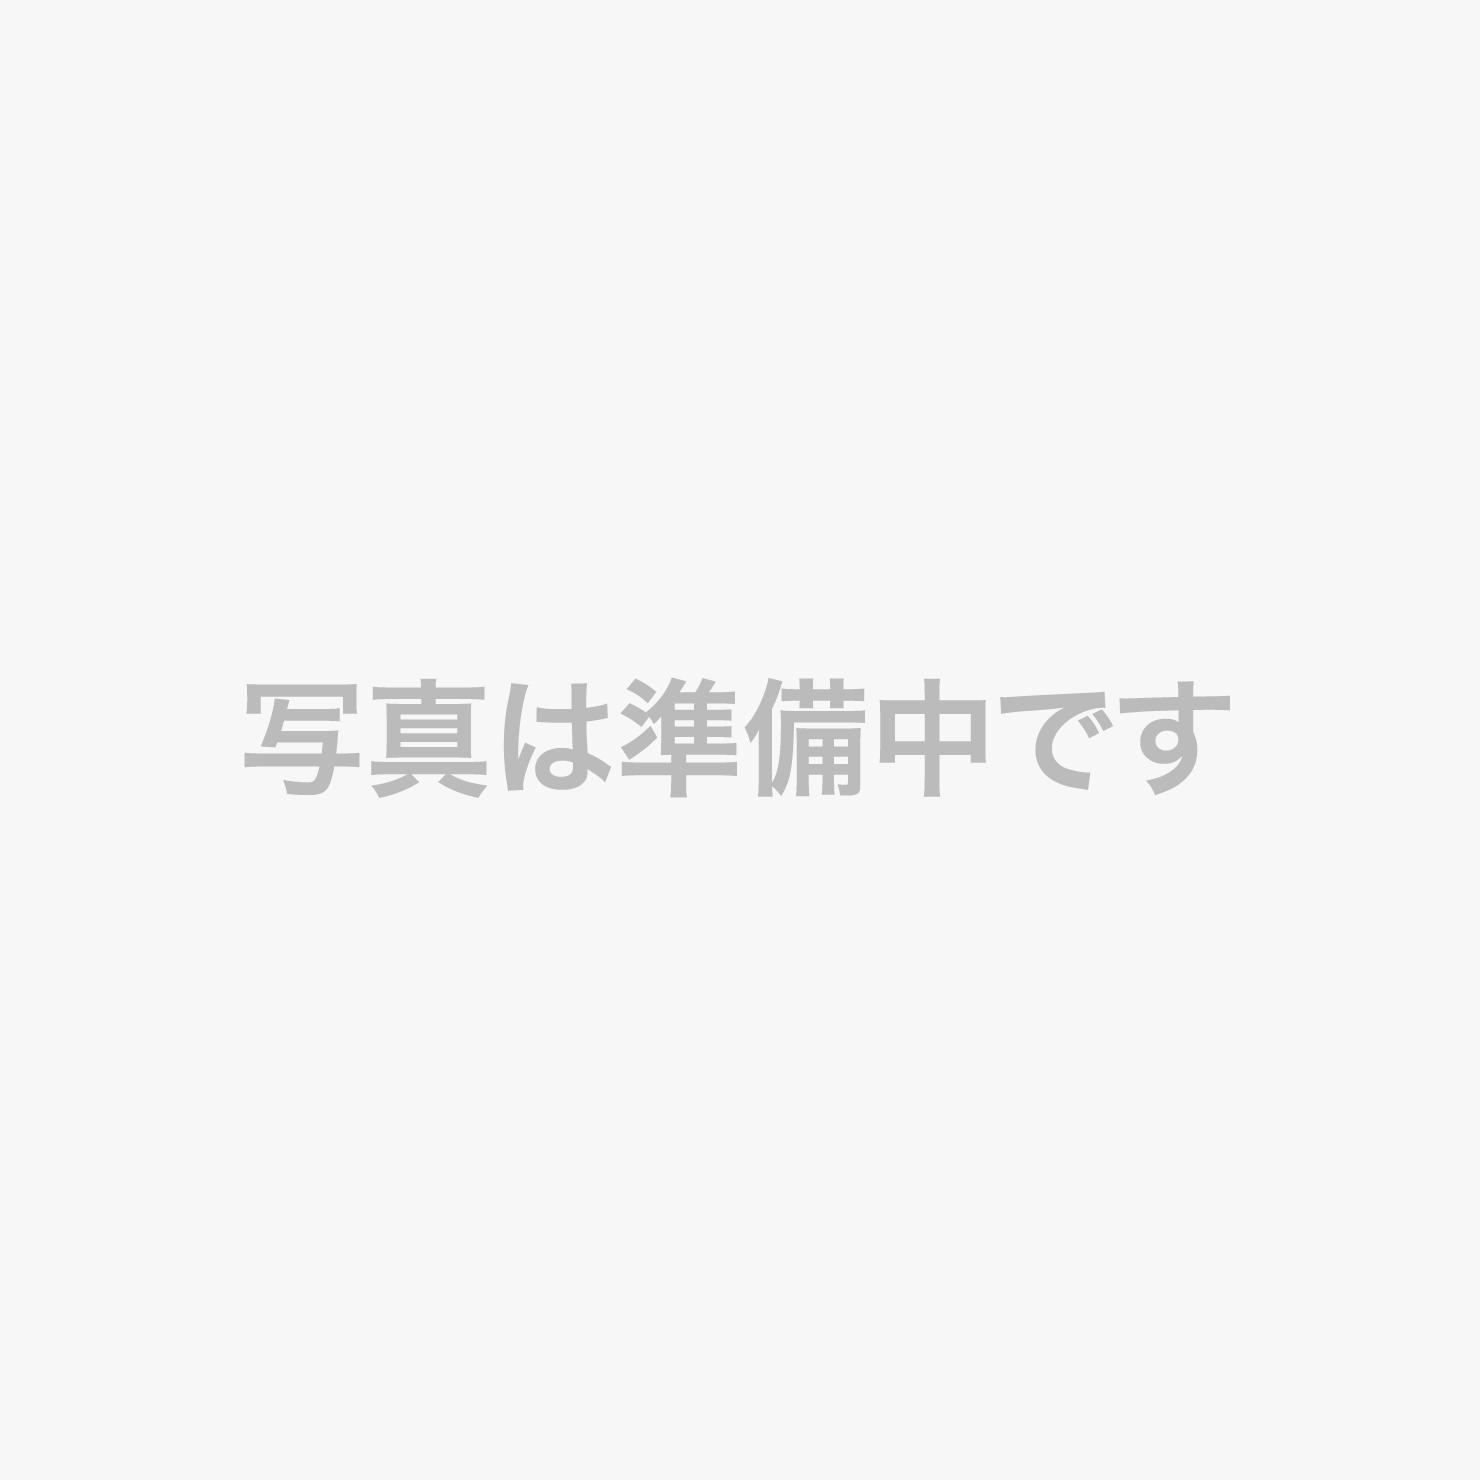 レンタルパソコン(1泊1,000円/要身分証明証コピー)